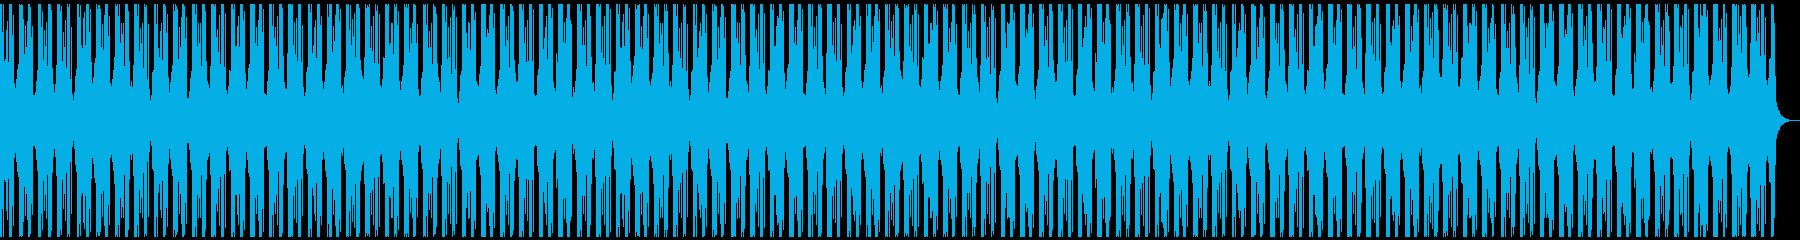 不安、疑惑、ミステリー、ダーク、10分の再生済みの波形